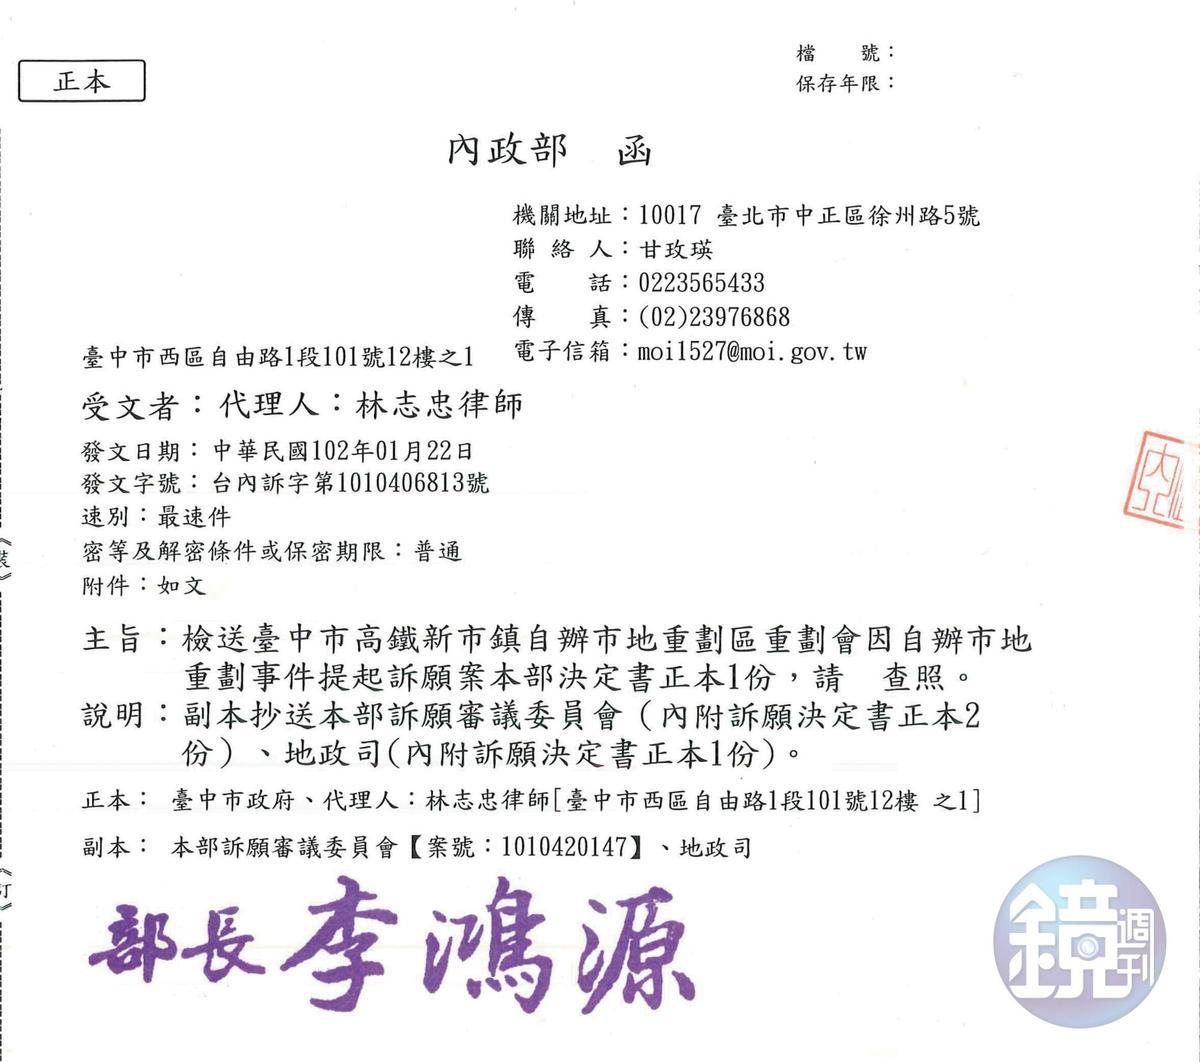 台中市政府原欲解散重劃會,最後被上級機關內政部發函(圖)撤銷。